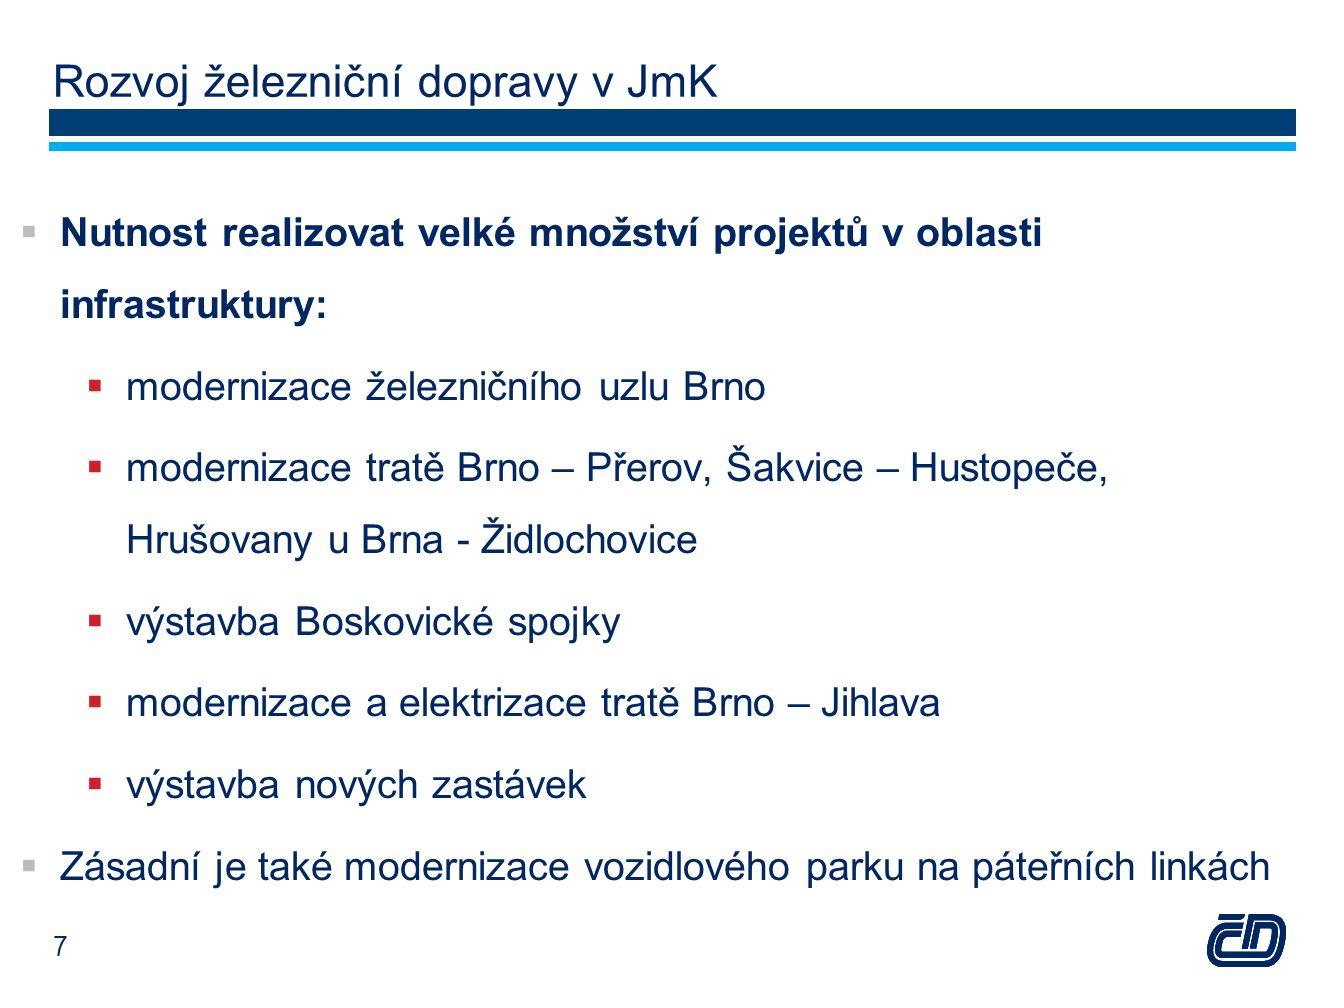 Rozvoj železniční dopravy v JmK  Nutnost realizovat velké množství projektů v oblasti infrastruktury:  modernizace železničního uzlu Brno  modernizace tratě Brno – Přerov, Šakvice – Hustopeče, Hrušovany u Brna - Židlochovice  výstavba Boskovické spojky  modernizace a elektrizace tratě Brno – Jihlava  výstavba nových zastávek  Zásadní je také modernizace vozidlového parku na páteřních linkách 7